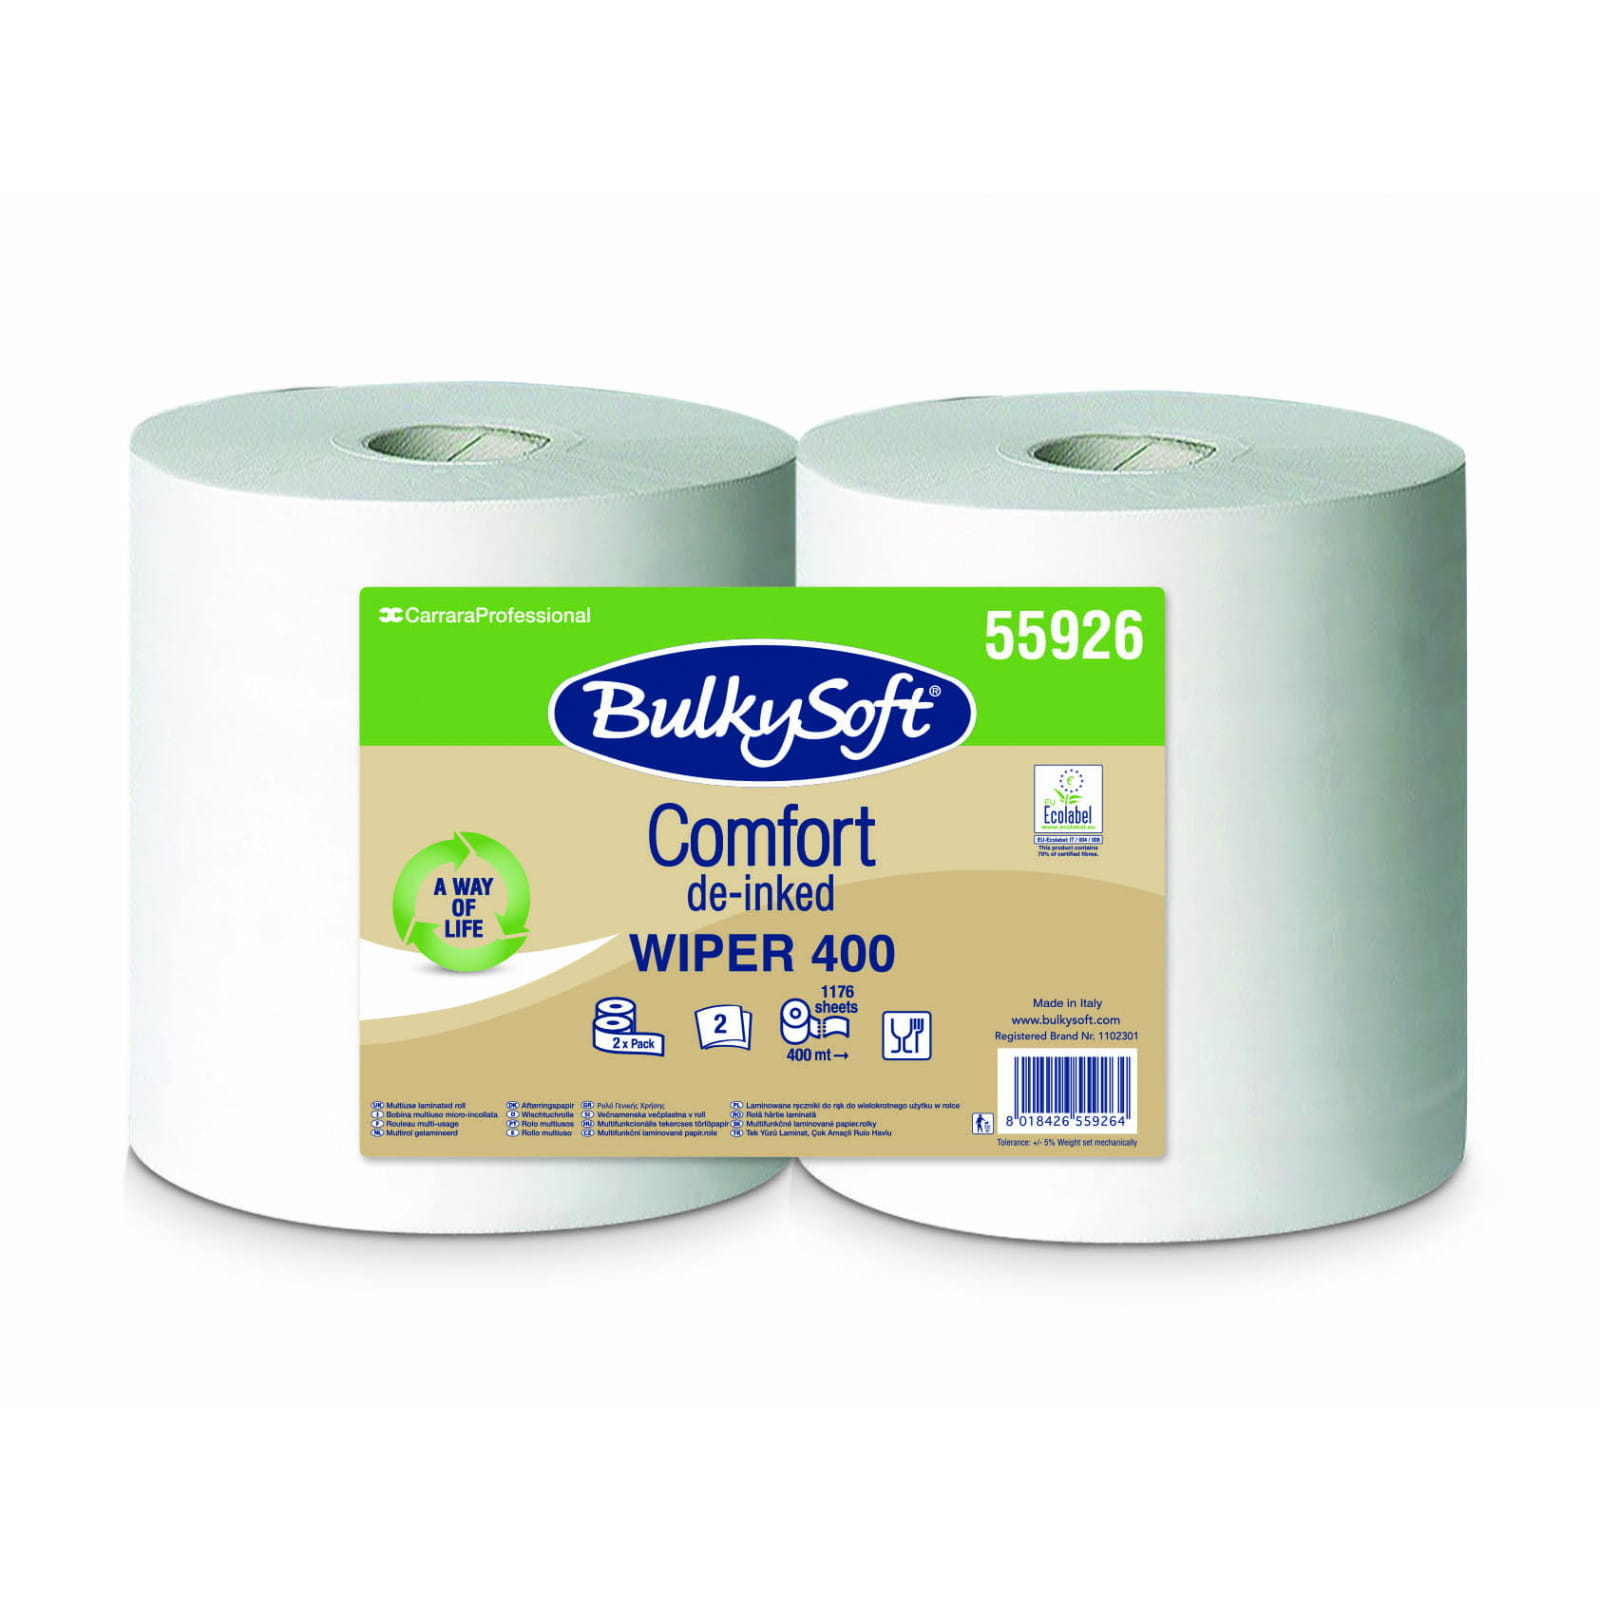 Czyściwo papierowe dług. 400 mb BulkySoft Comfort 55926 2-warstw